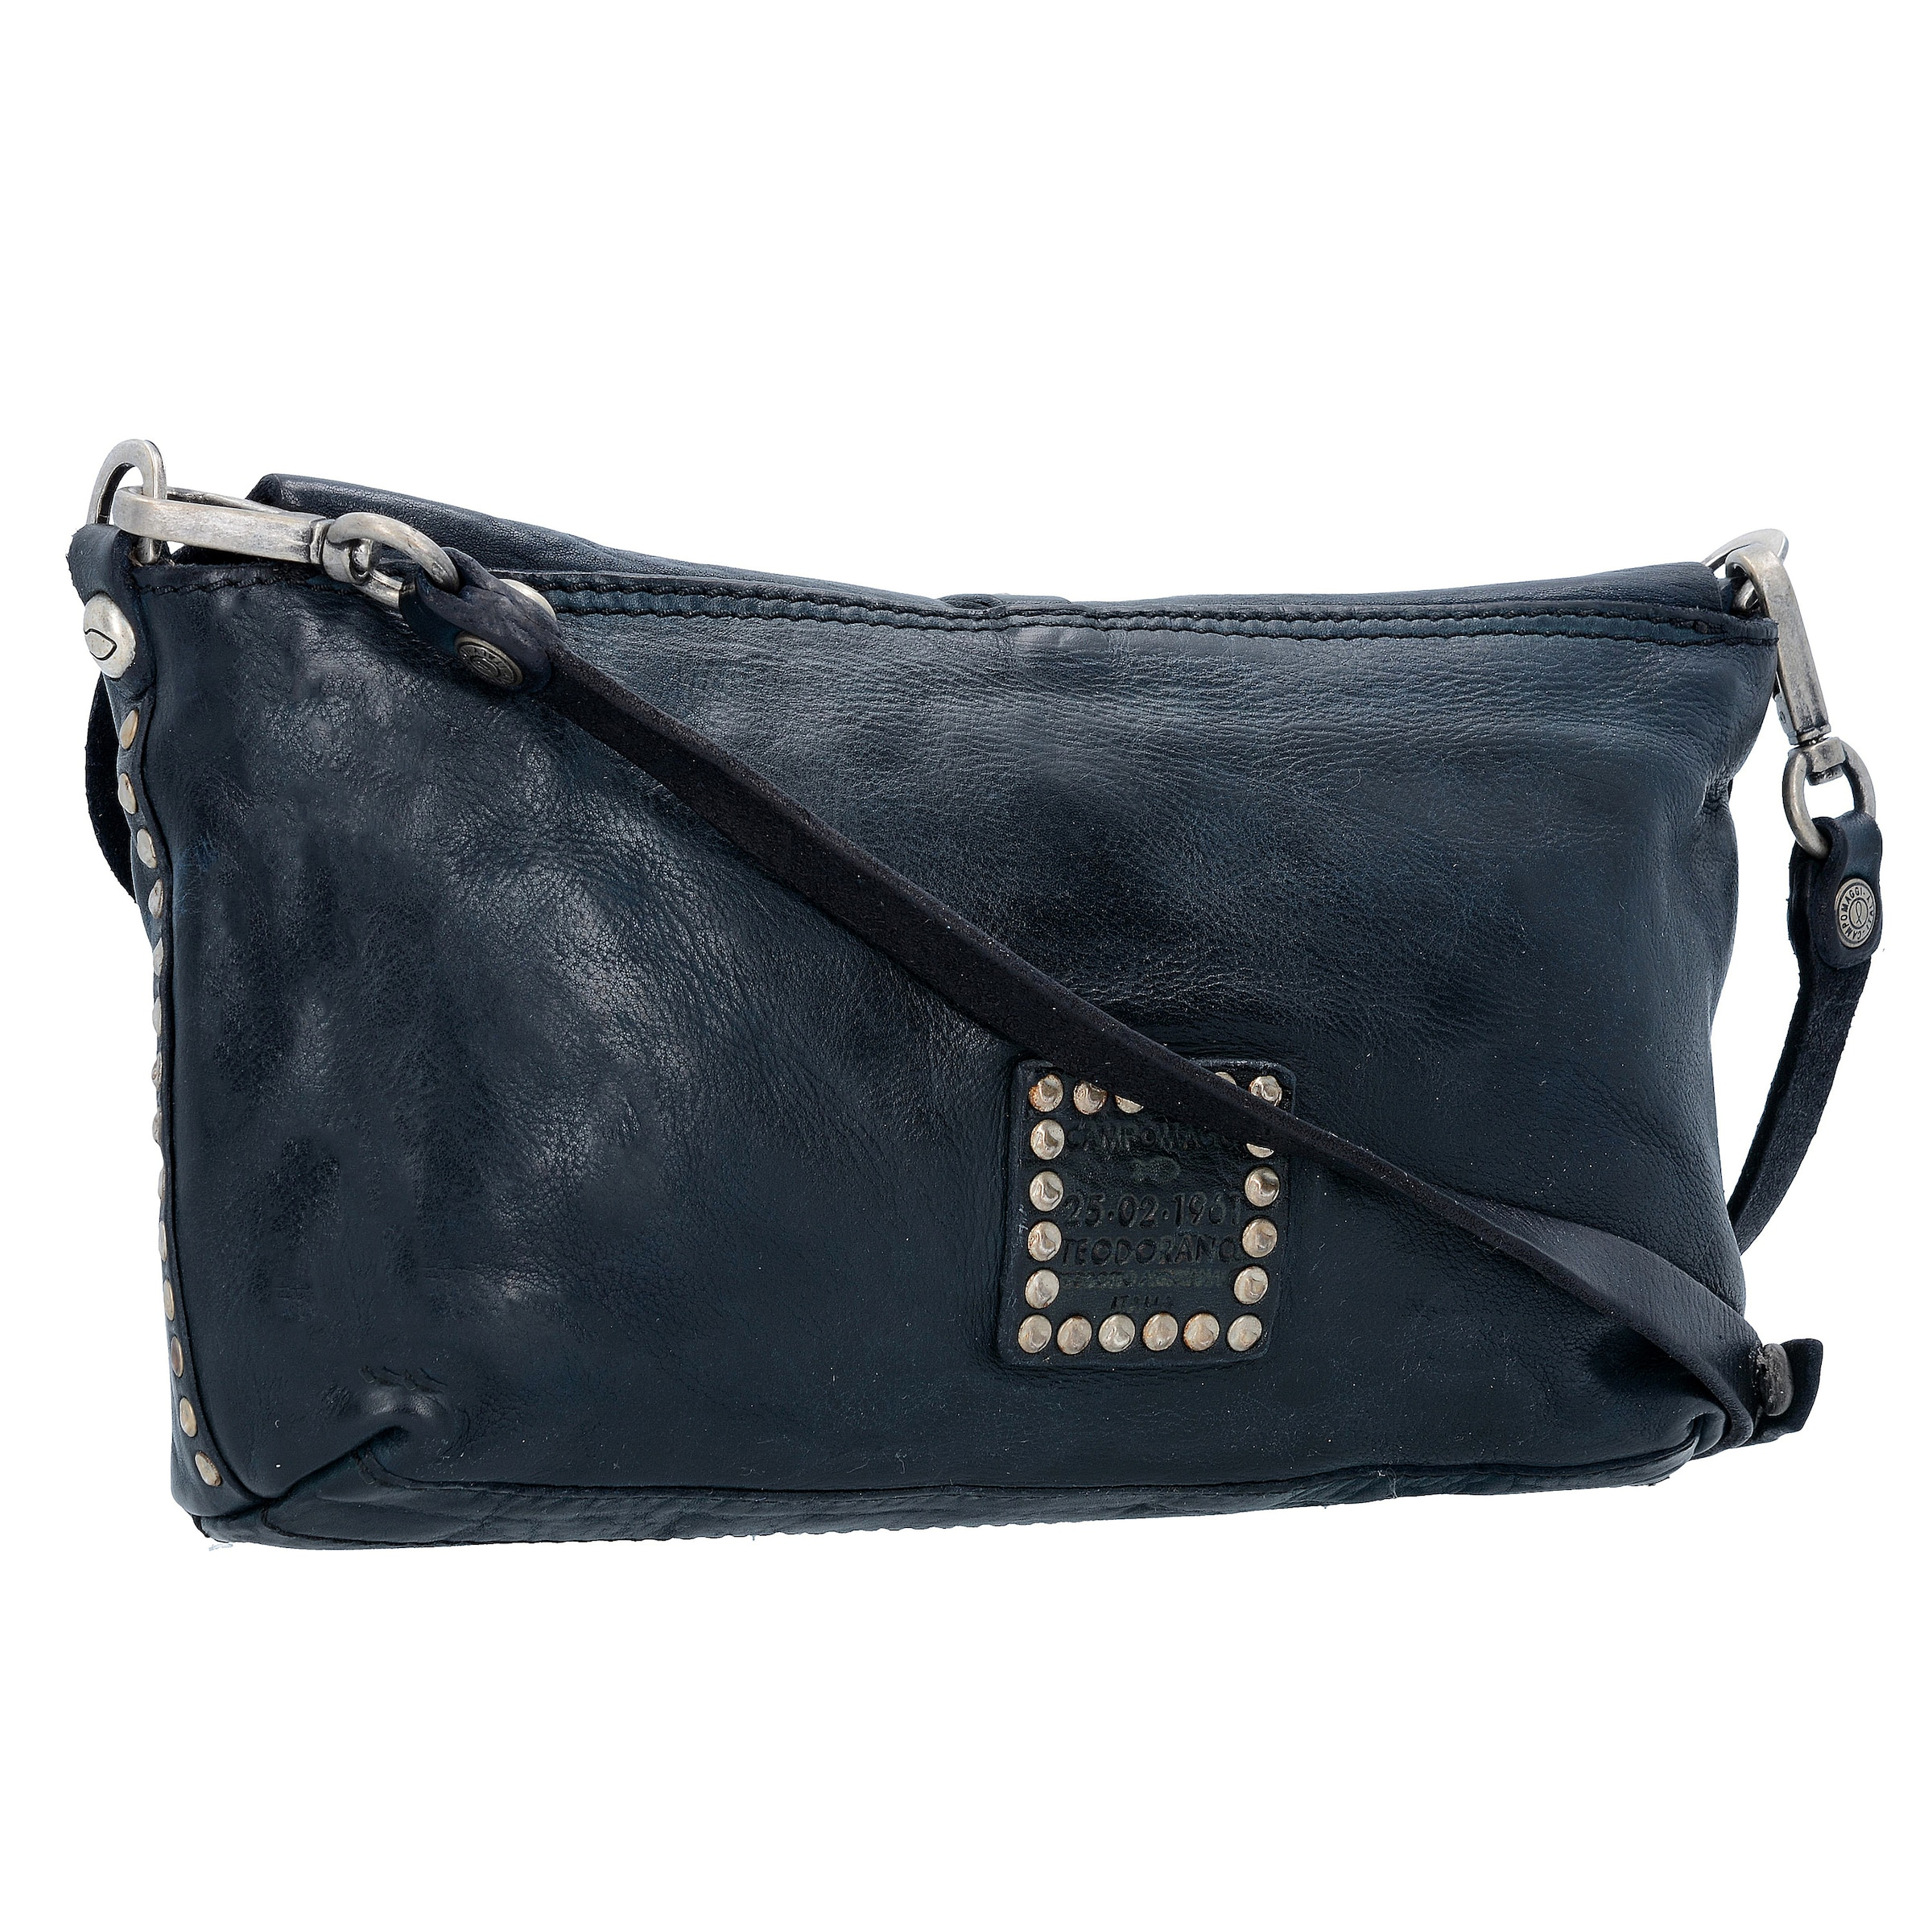 Campomaggi Traditional Artemisia Mini Bag Schultertasche Leder 24 cm Für Schönen Günstigen Preis Billige Eastbay xsjrQpnD